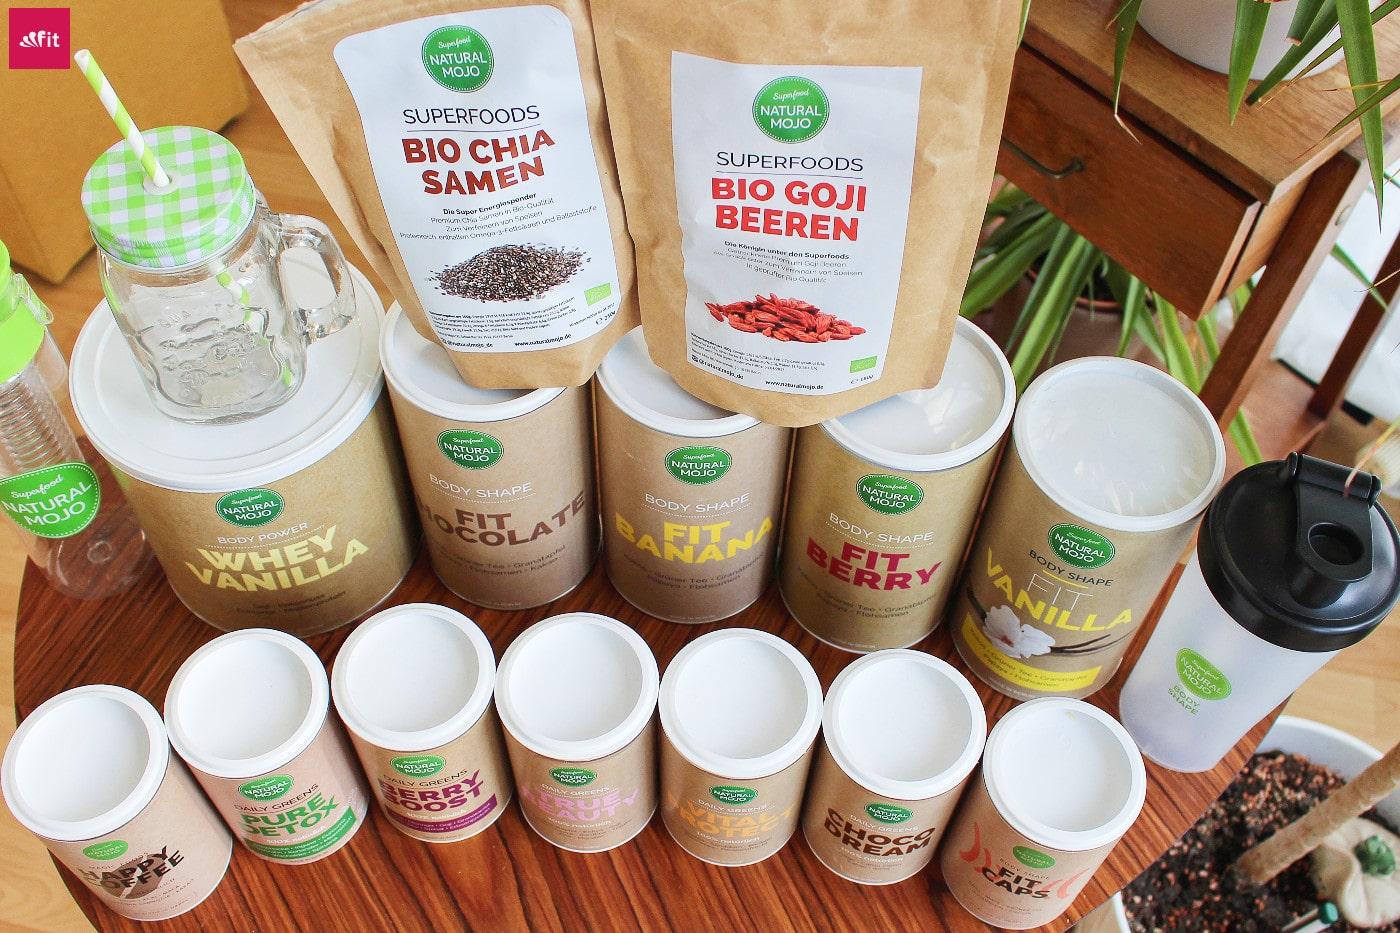 Natural Mojo Rabattcode und Erfahrung - ALLE Produkte: Daily Greens, Fit Shakes, Superfoods und Abnehm-Produkte. Test Video, Gutscheincode